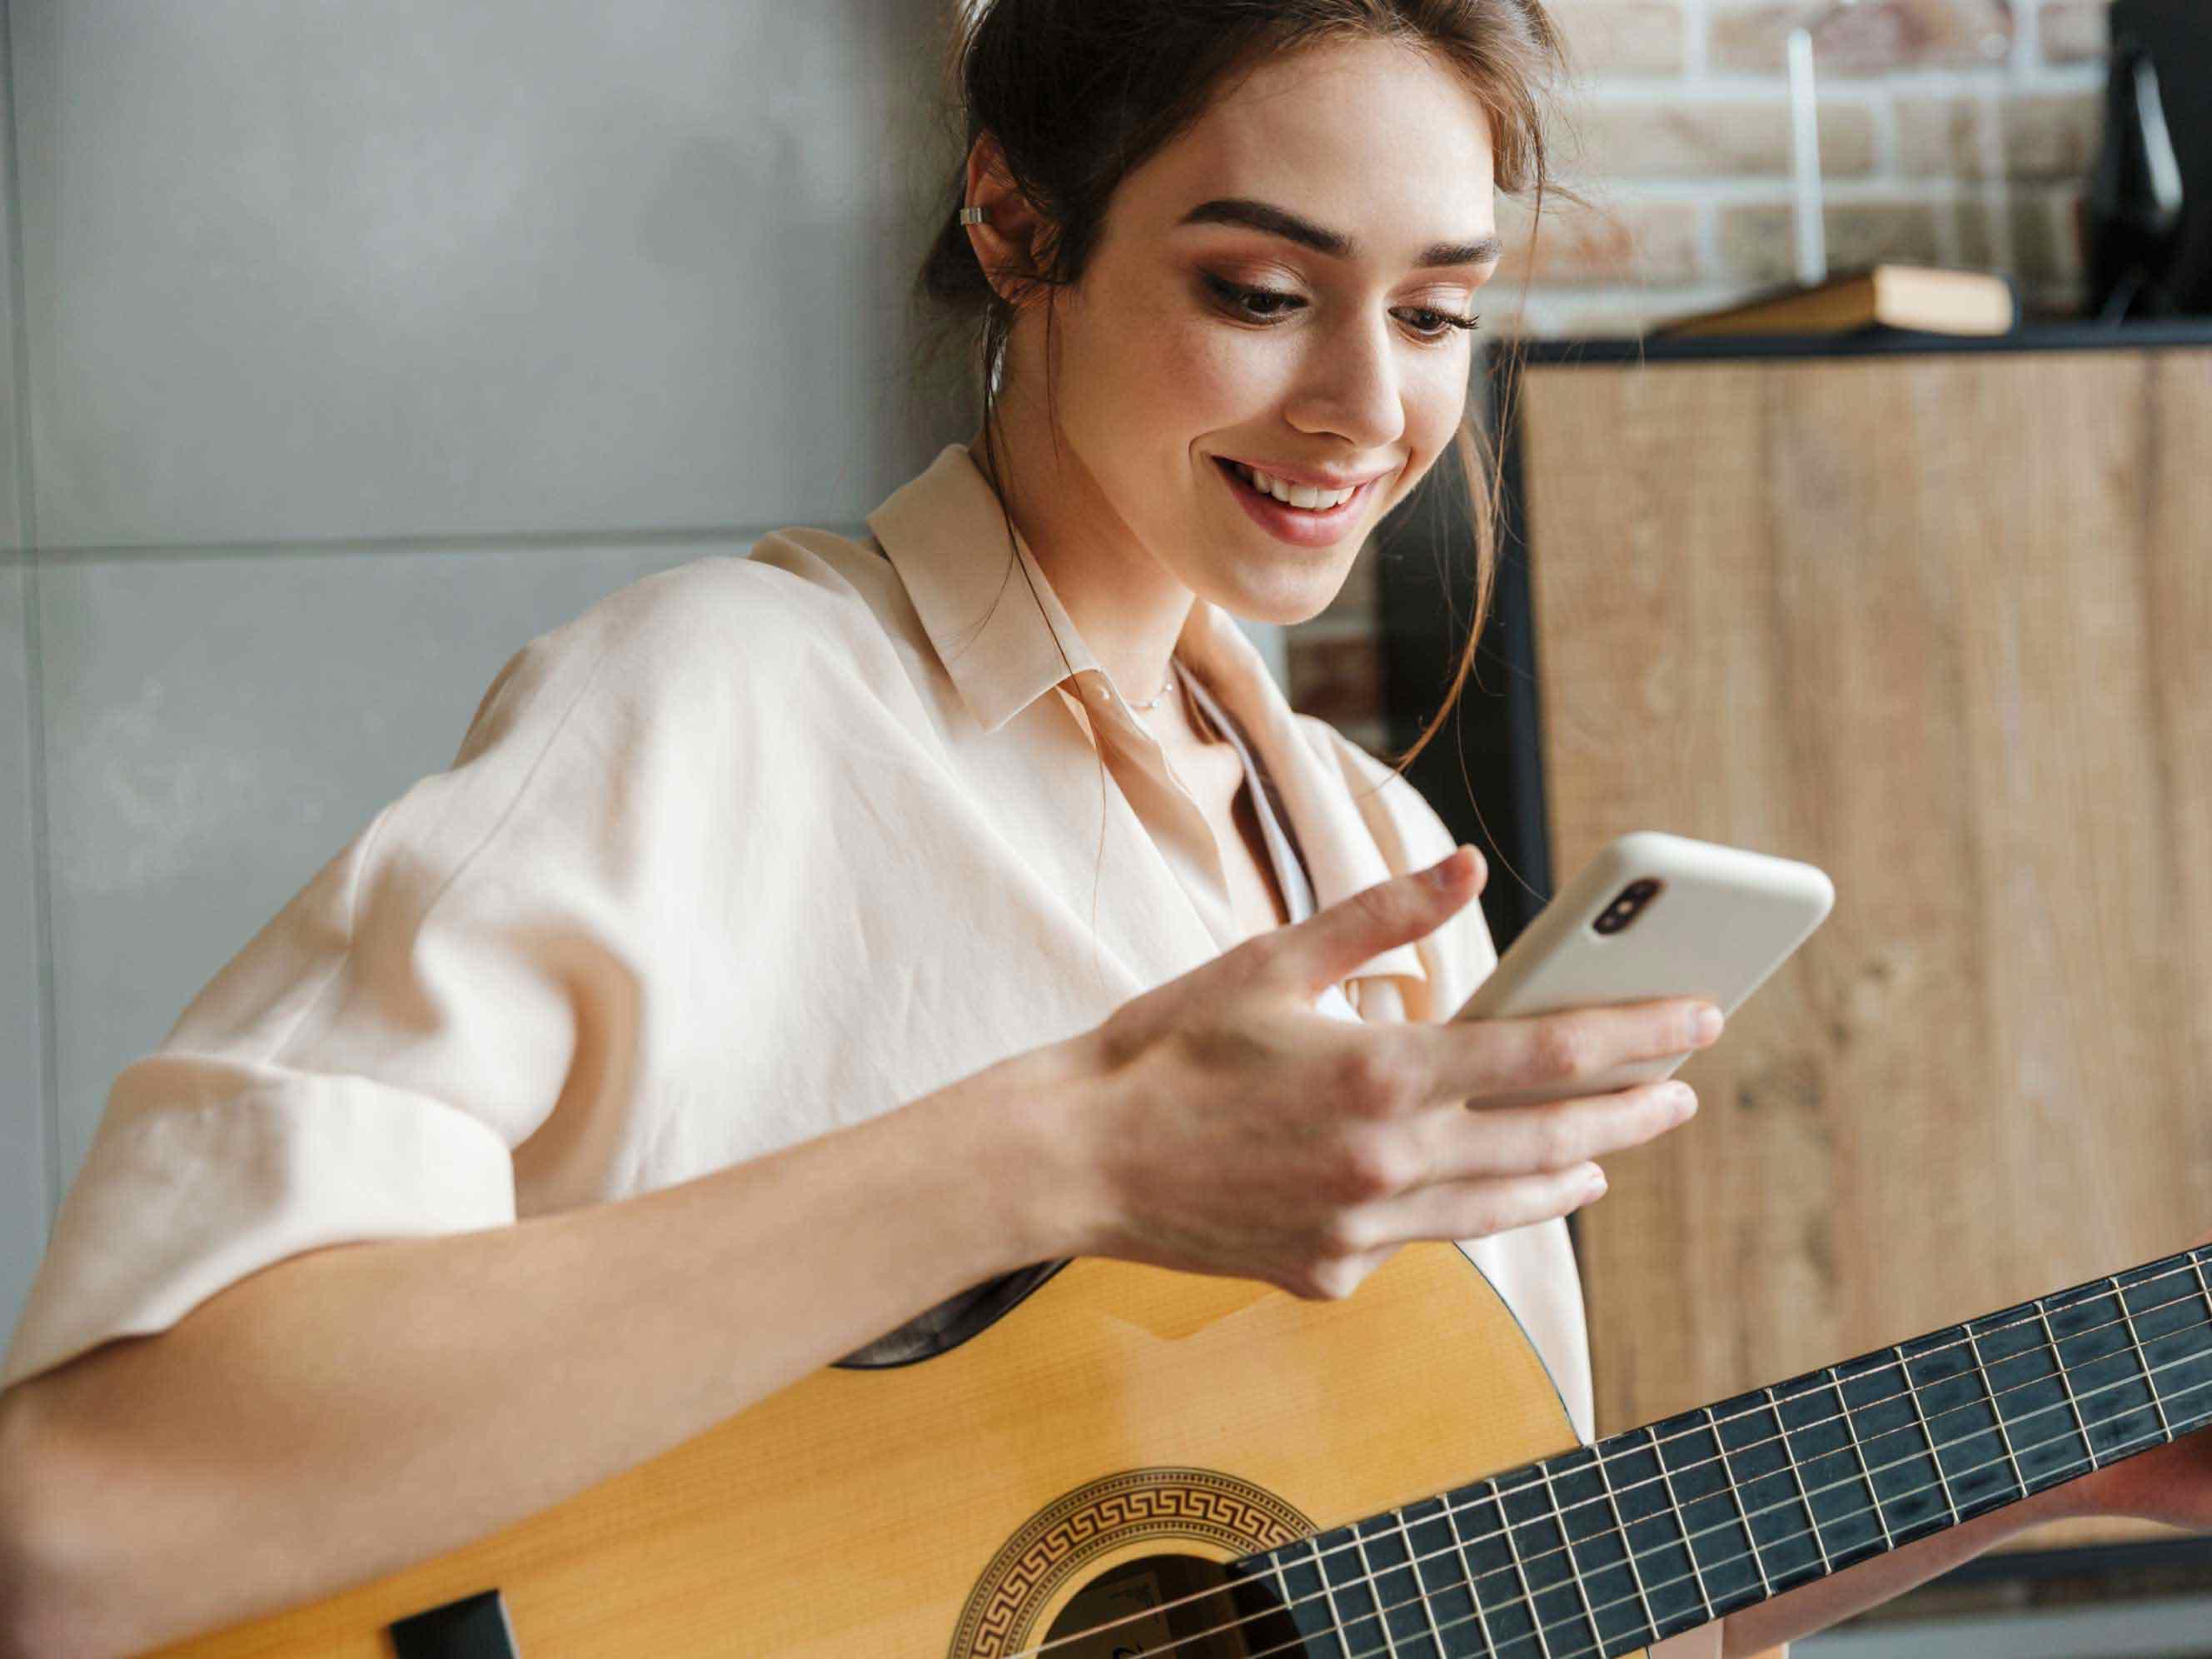 Musikerin unterbricht ihr Gitarrenspiel, um sich die Benachrichtigung auf ihrem Handy anzuschauen, dass sie Geld auf ihrem PayPal-Konto erhalten hat